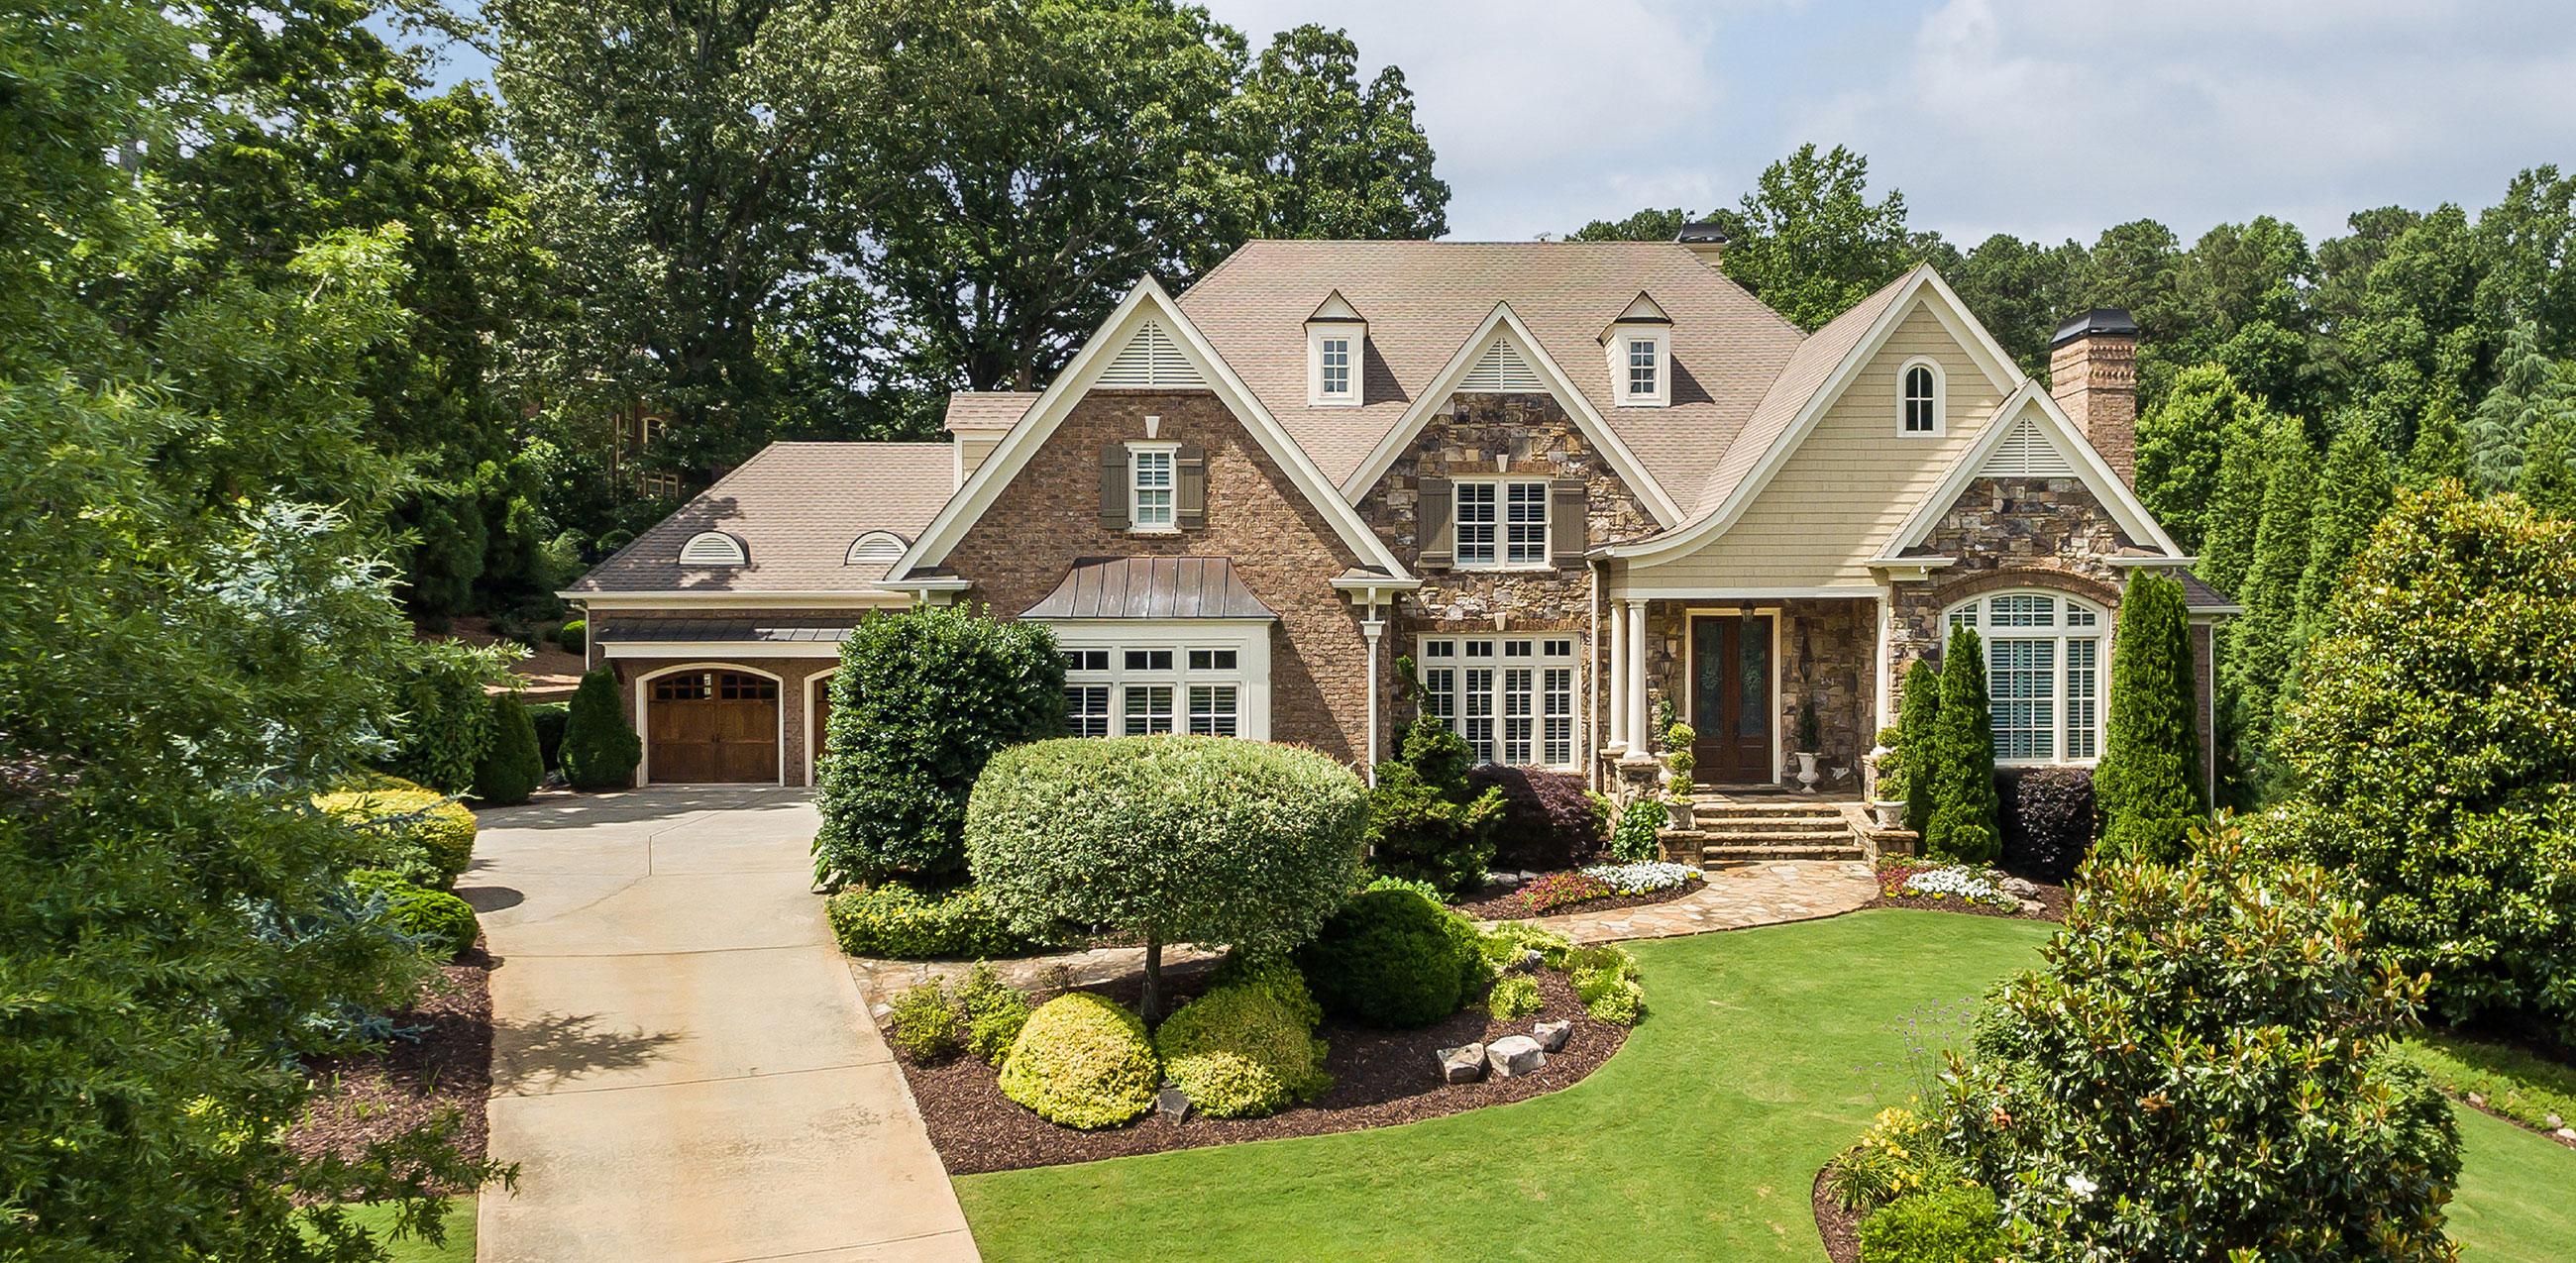 Happy Homes Georgia Maria Tharp Real State Asesoria